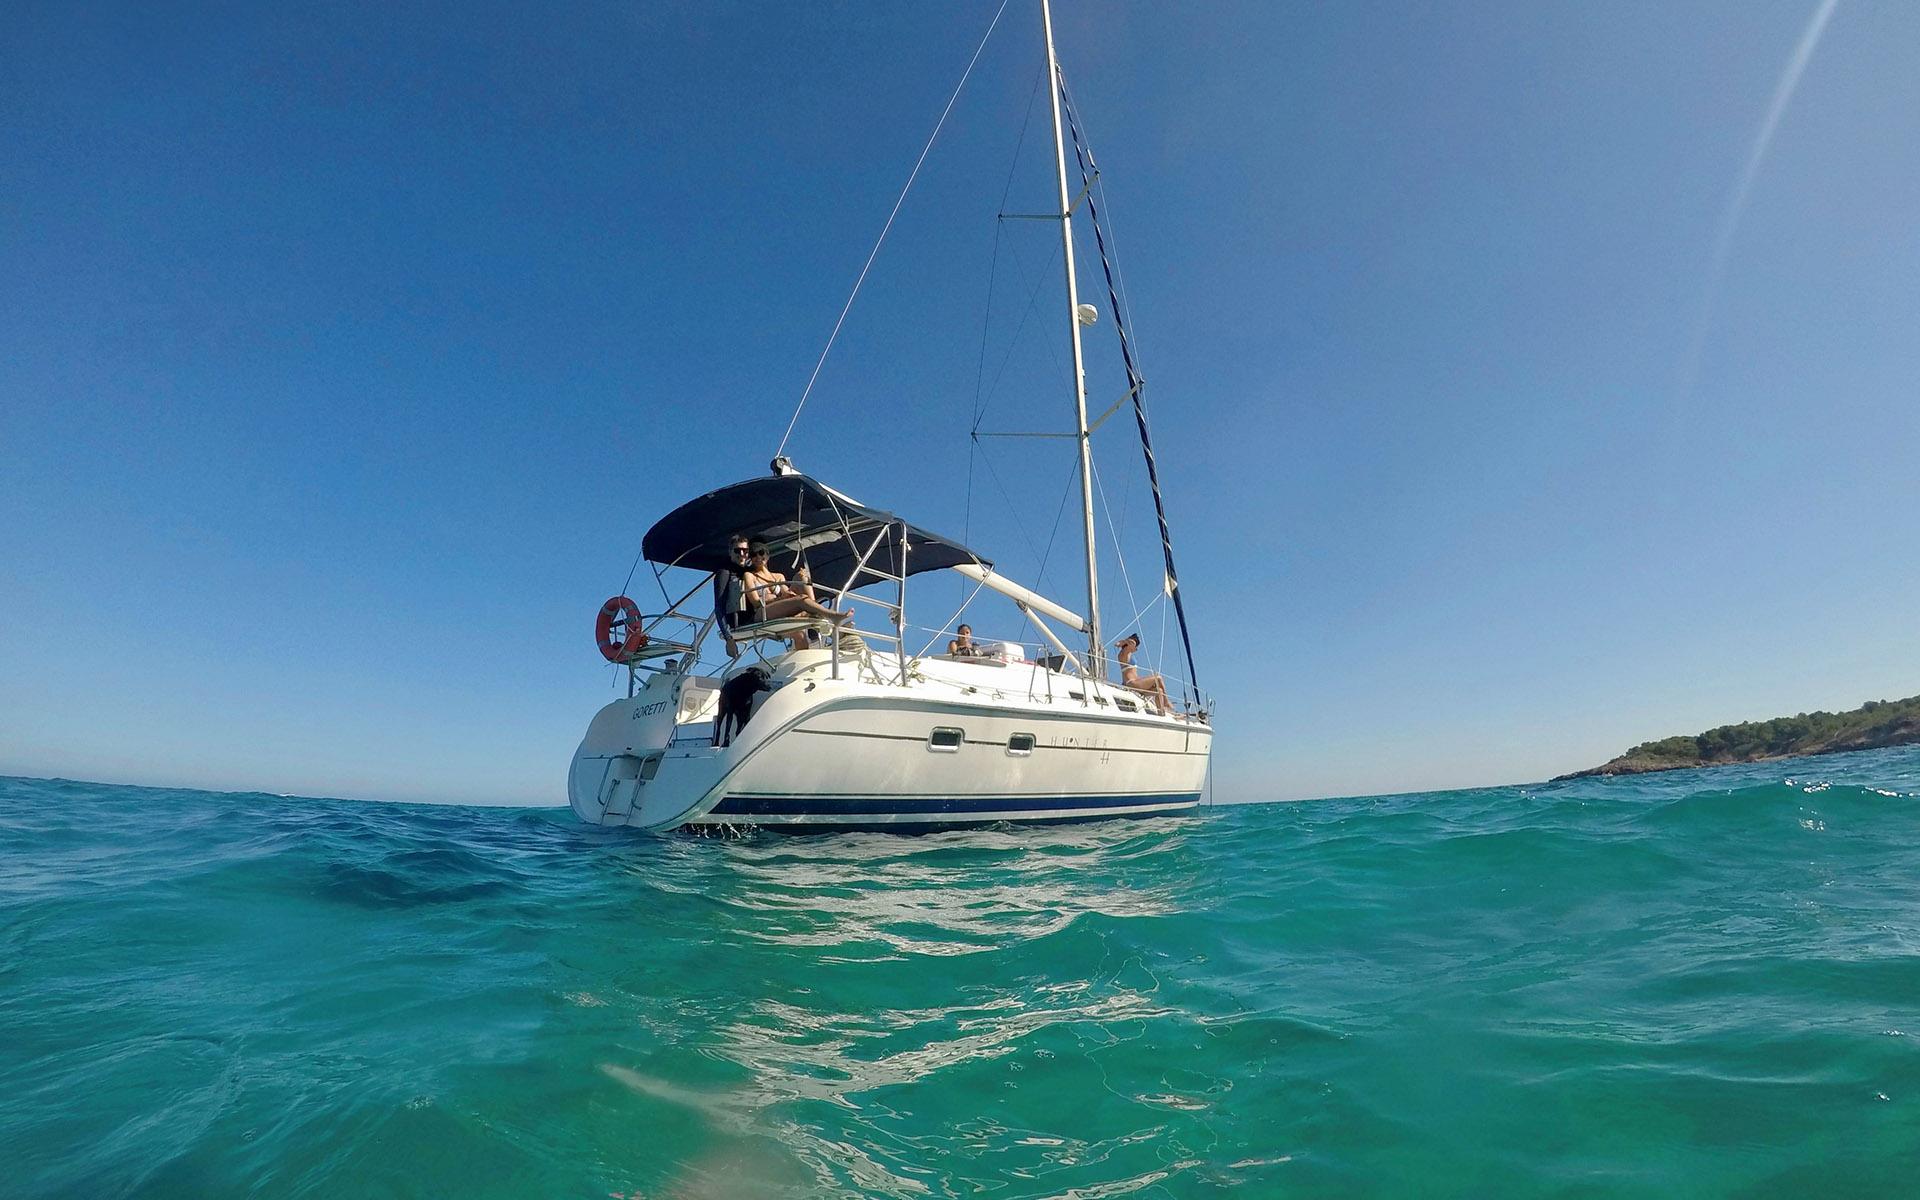 Navegar en velero durante una semana por las Islas Baleares